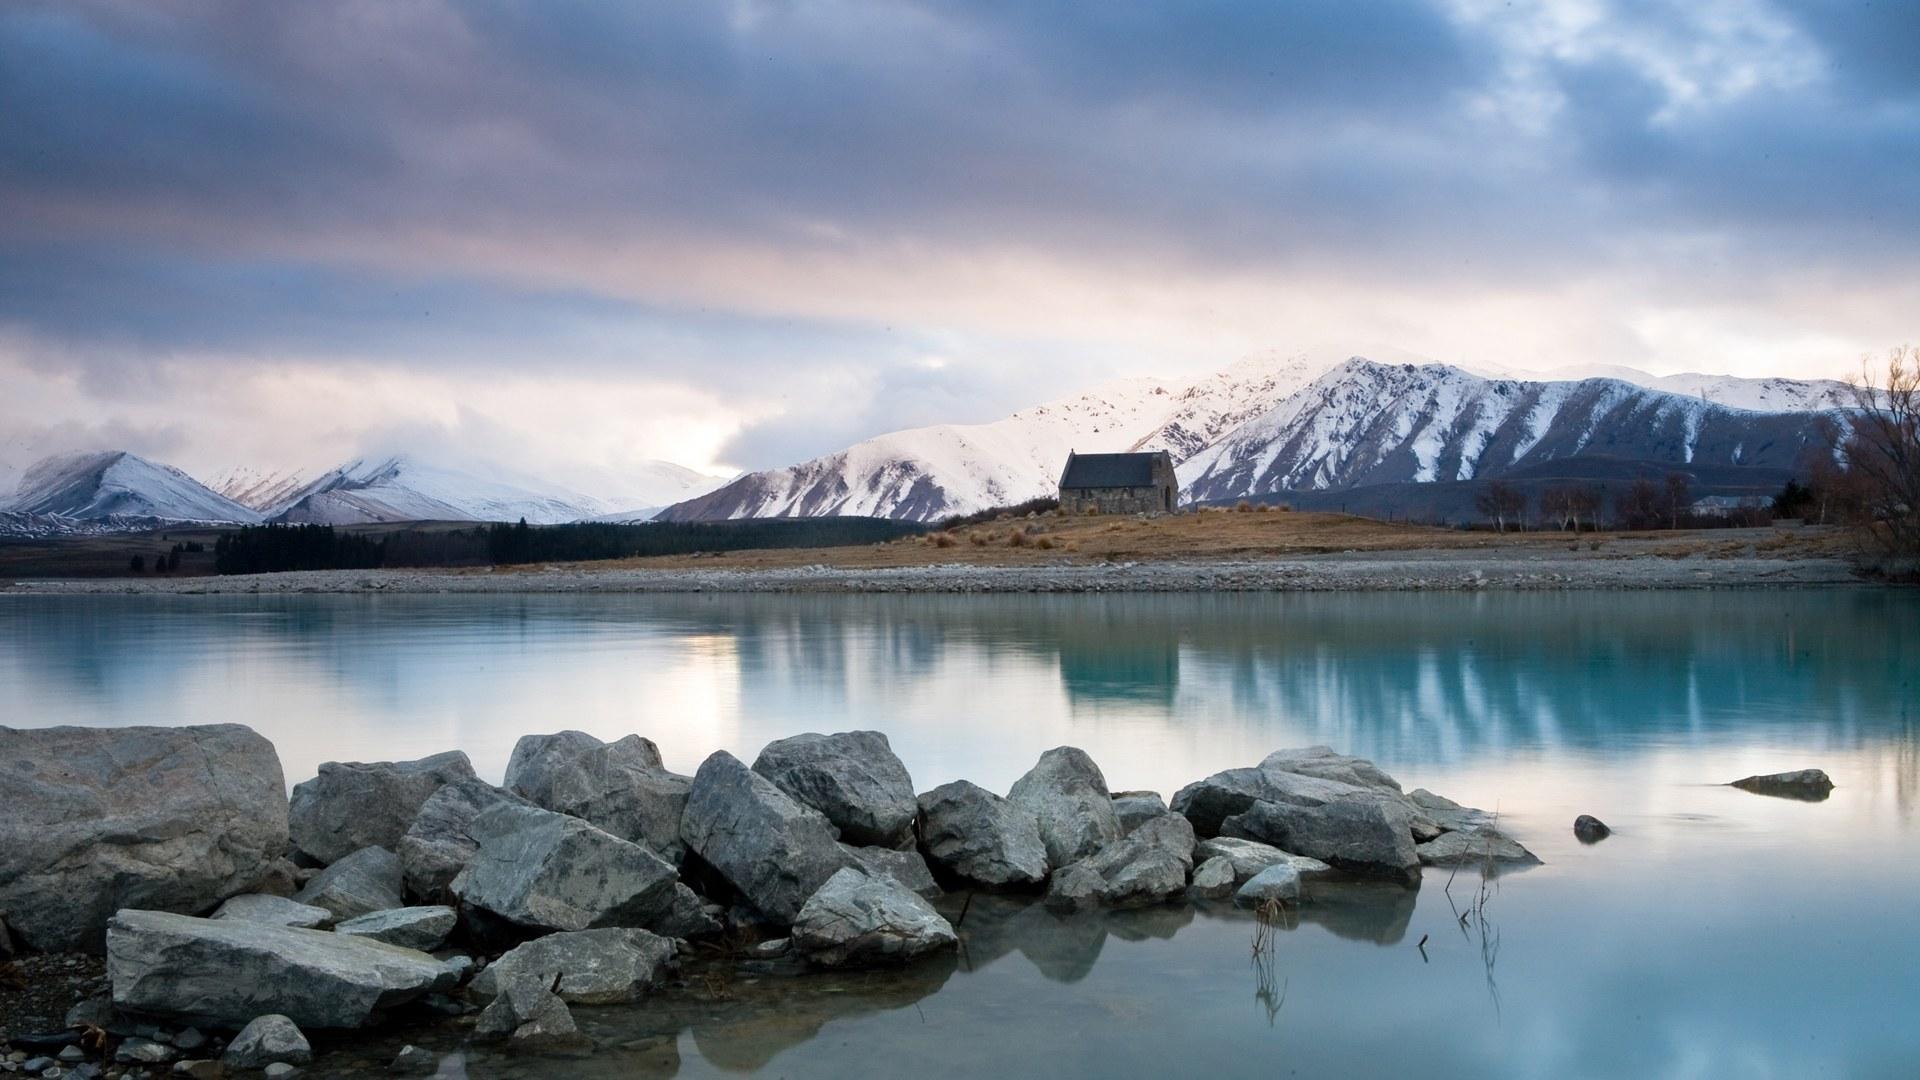 landscape wallpaper winter